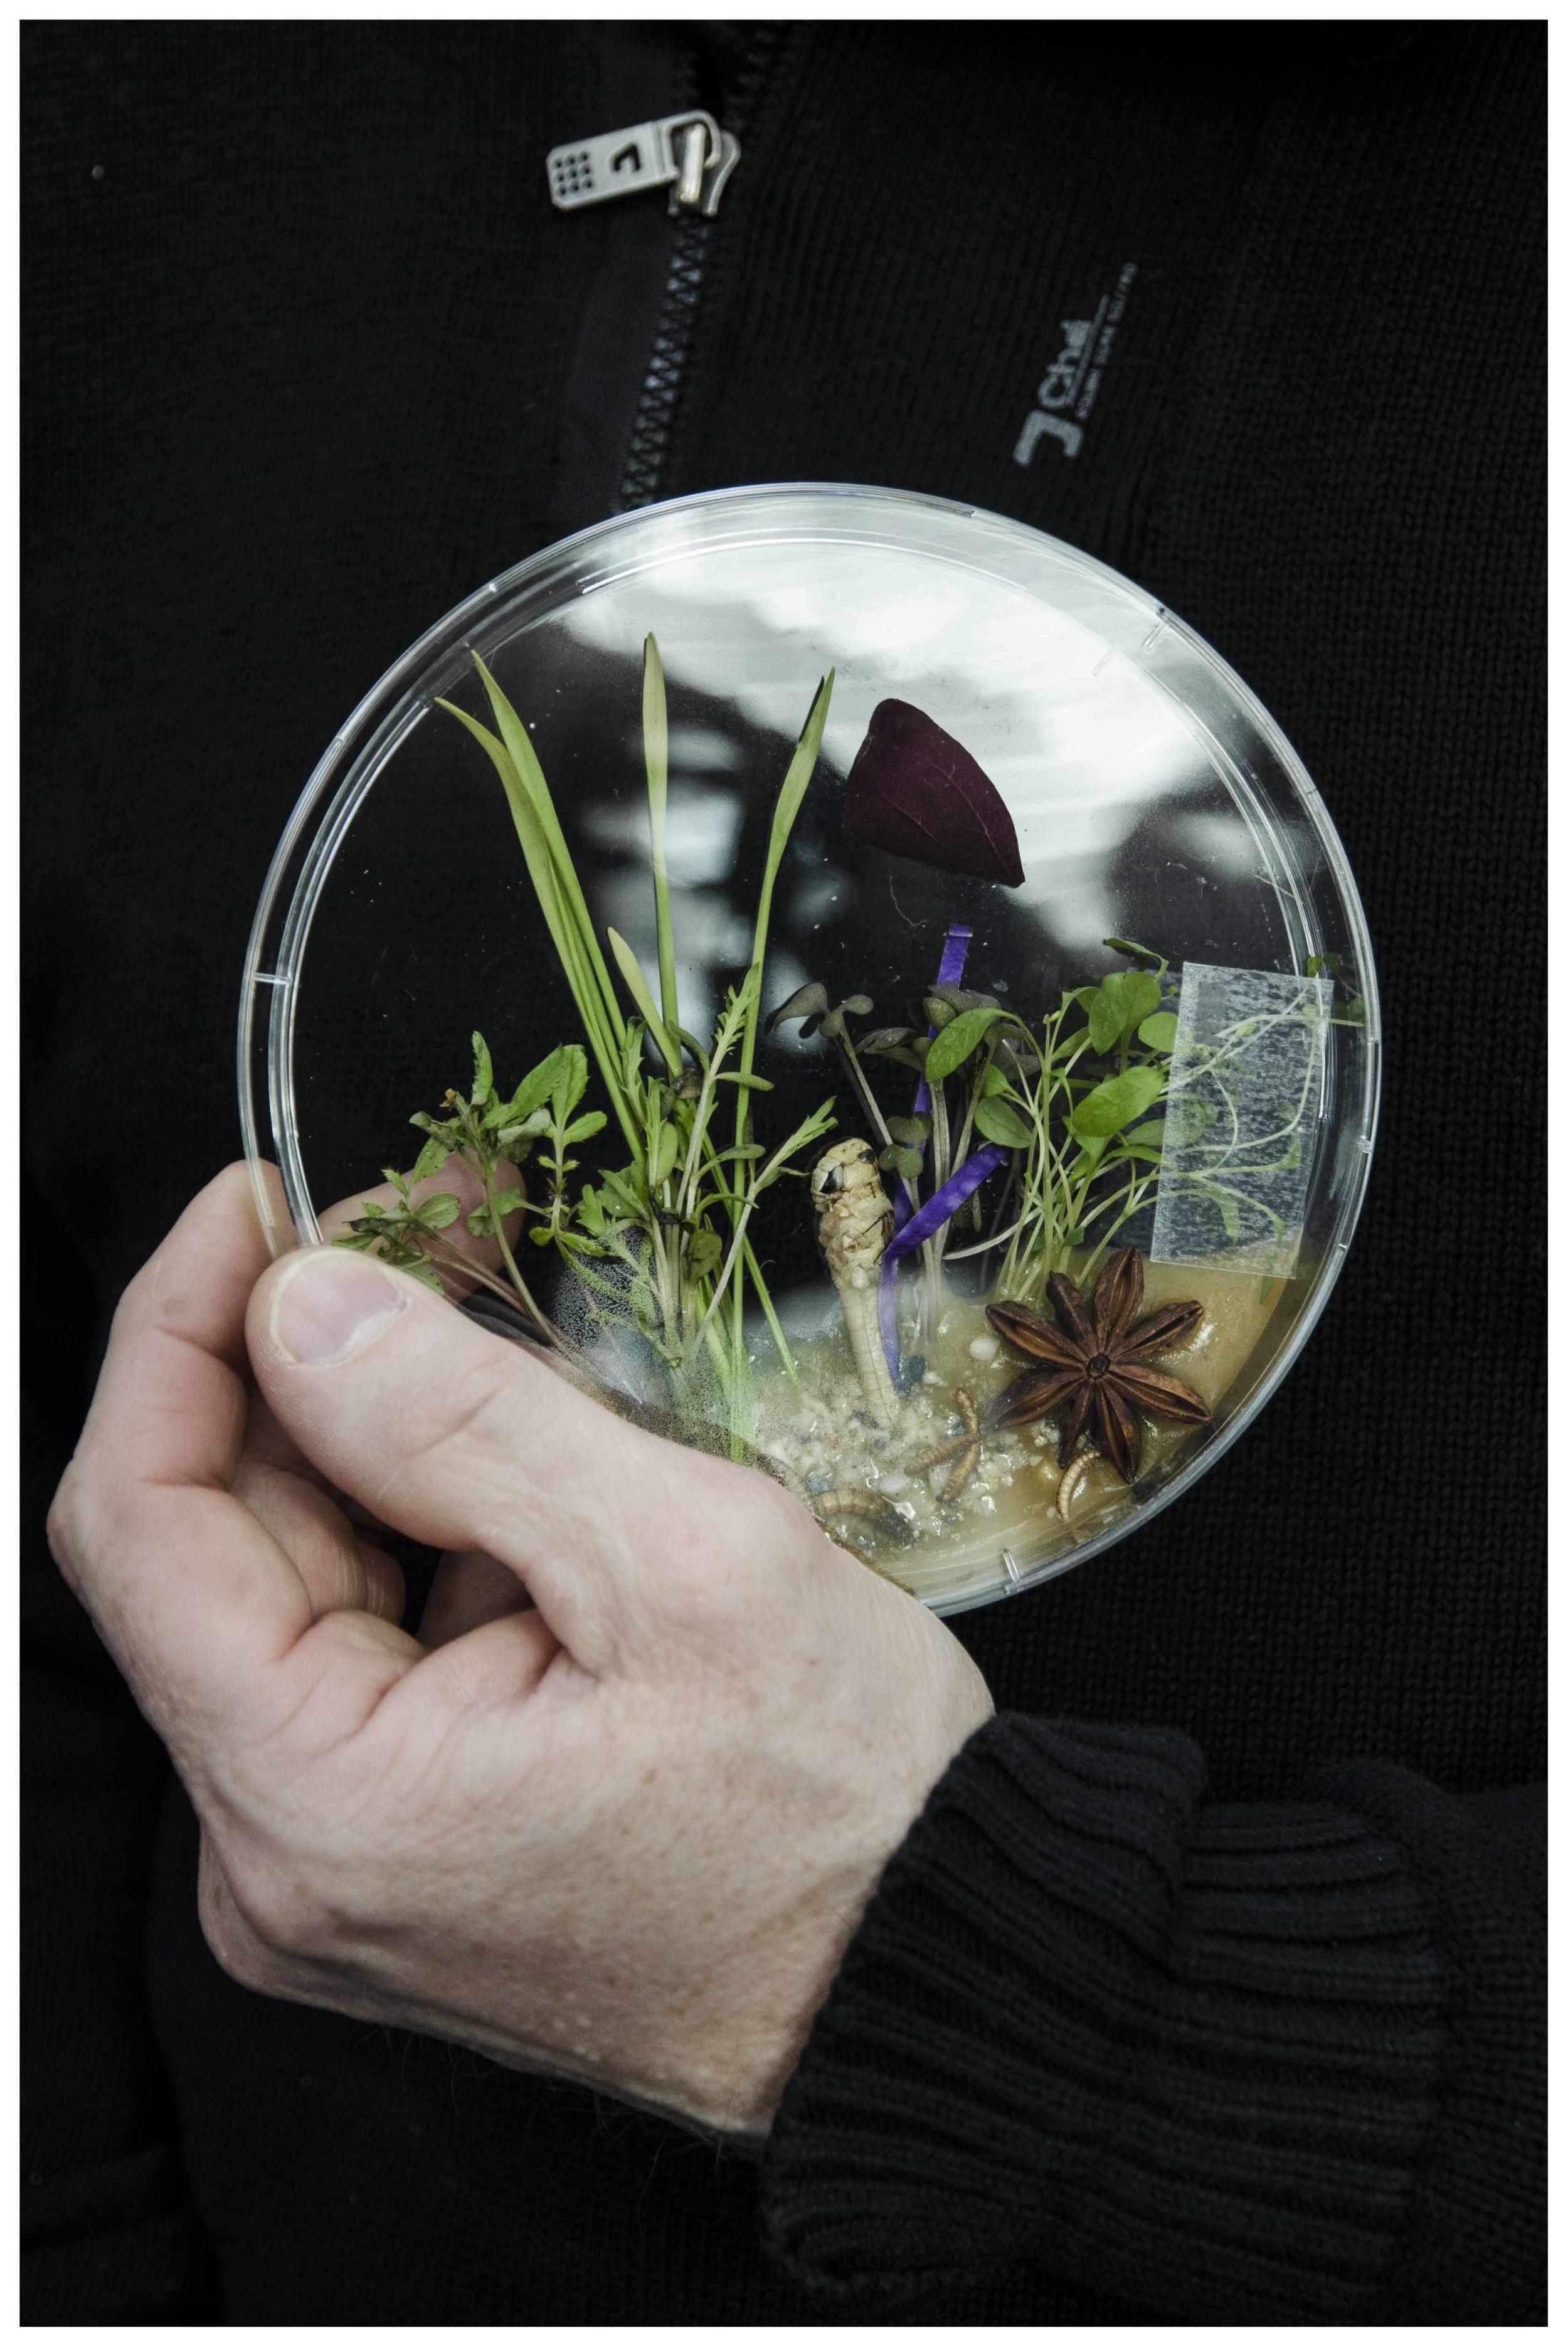 De bezoekers kregen ook een souvenir mee naar huis: een miniatuurversie van het schilderij De Wollewei. Vooral de kinderen wilden graag op school laten zien wat ze hadden gegeten op het Insectenfeest